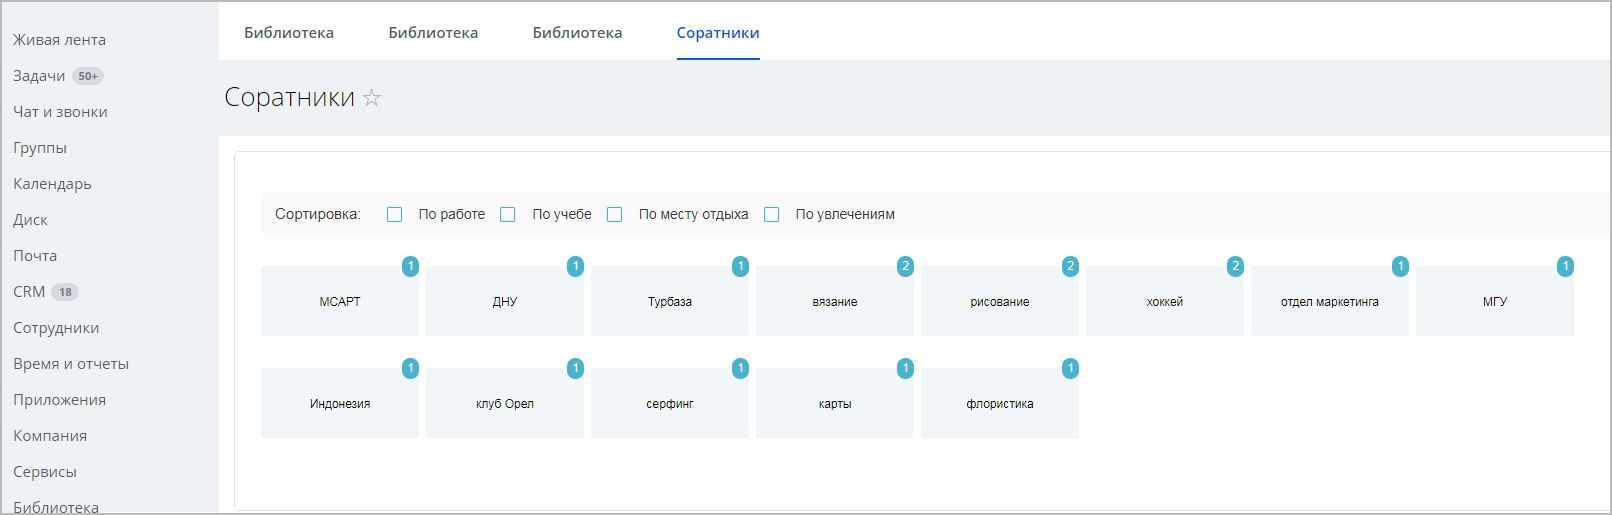 ru2.jpg